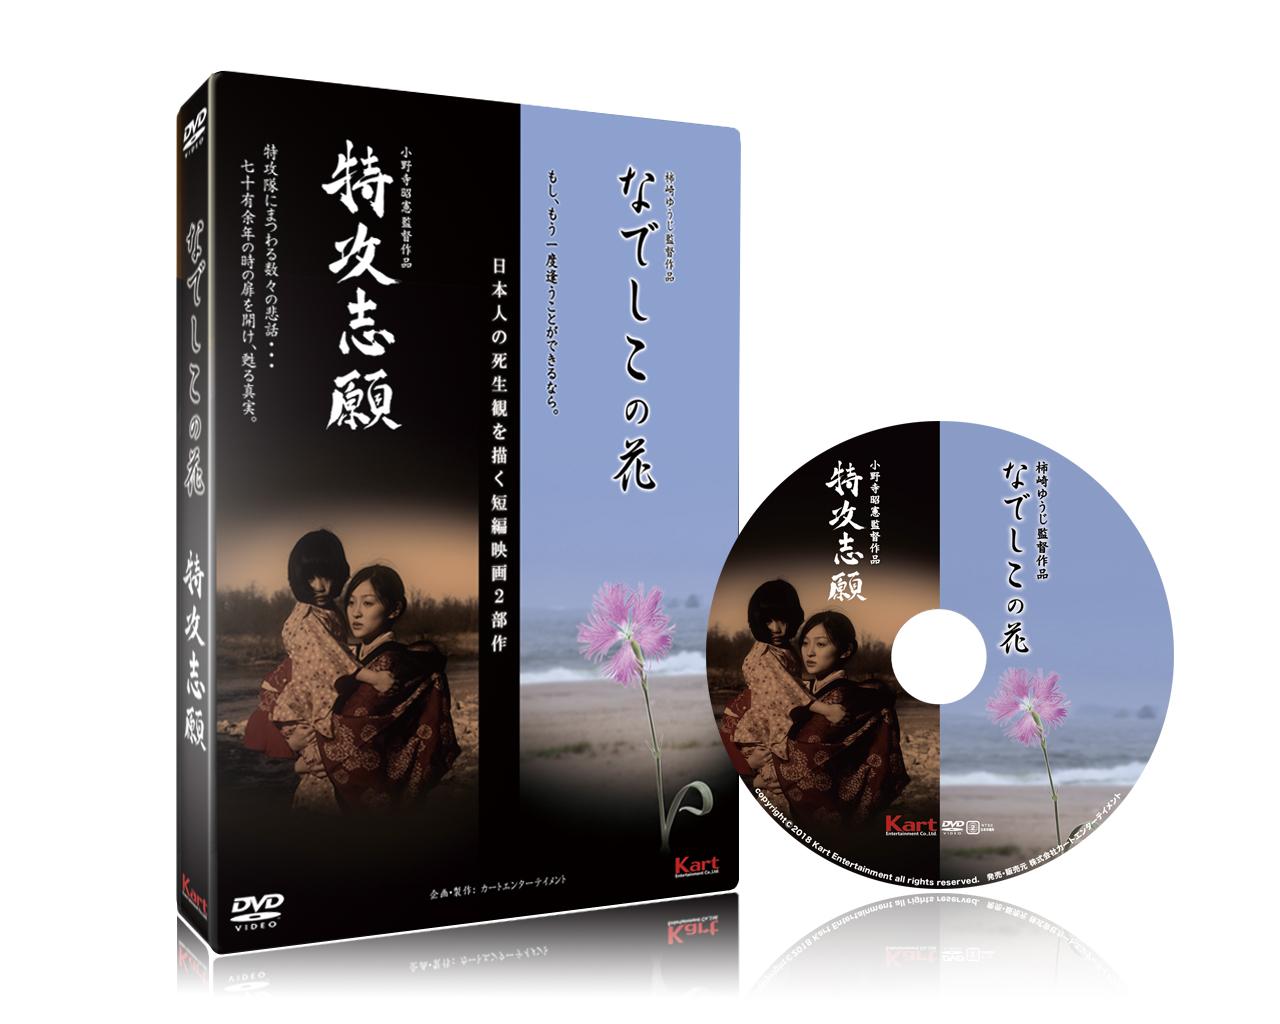 短編映画「なでしこの花/特攻志願」DVD画像